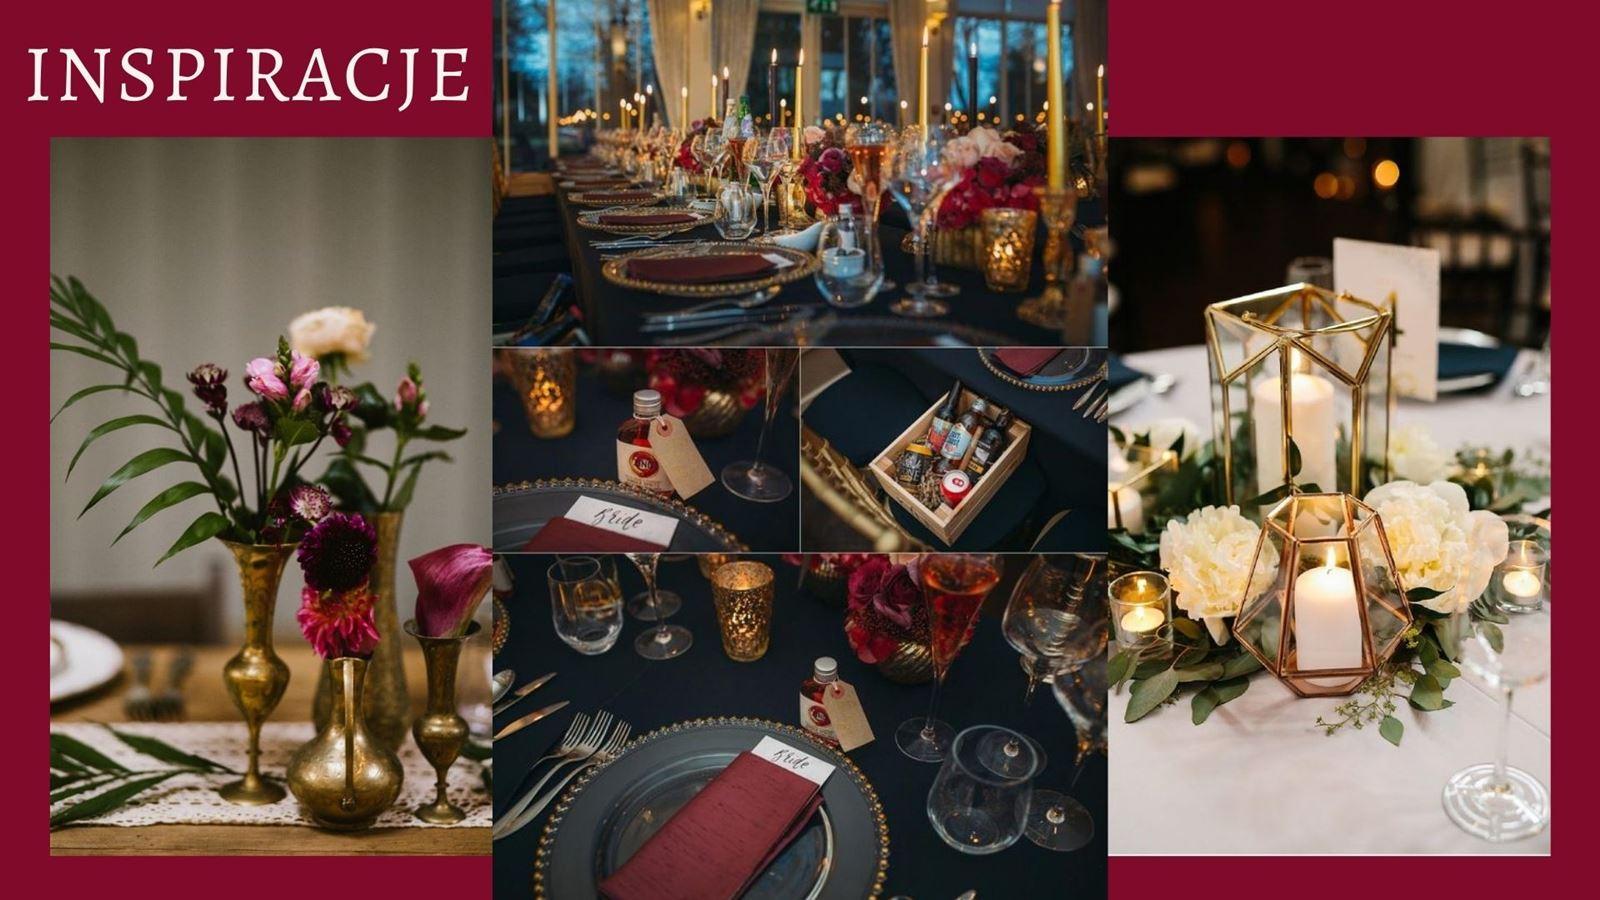 8 weselne diy wedding decoration ideas pomysły jak tanio udekorować zrobić samemu dekoracje na salę weselna na stol dla gosci co kupic male bukiety na stoly weselne dodatki tanie dekoracje na slub